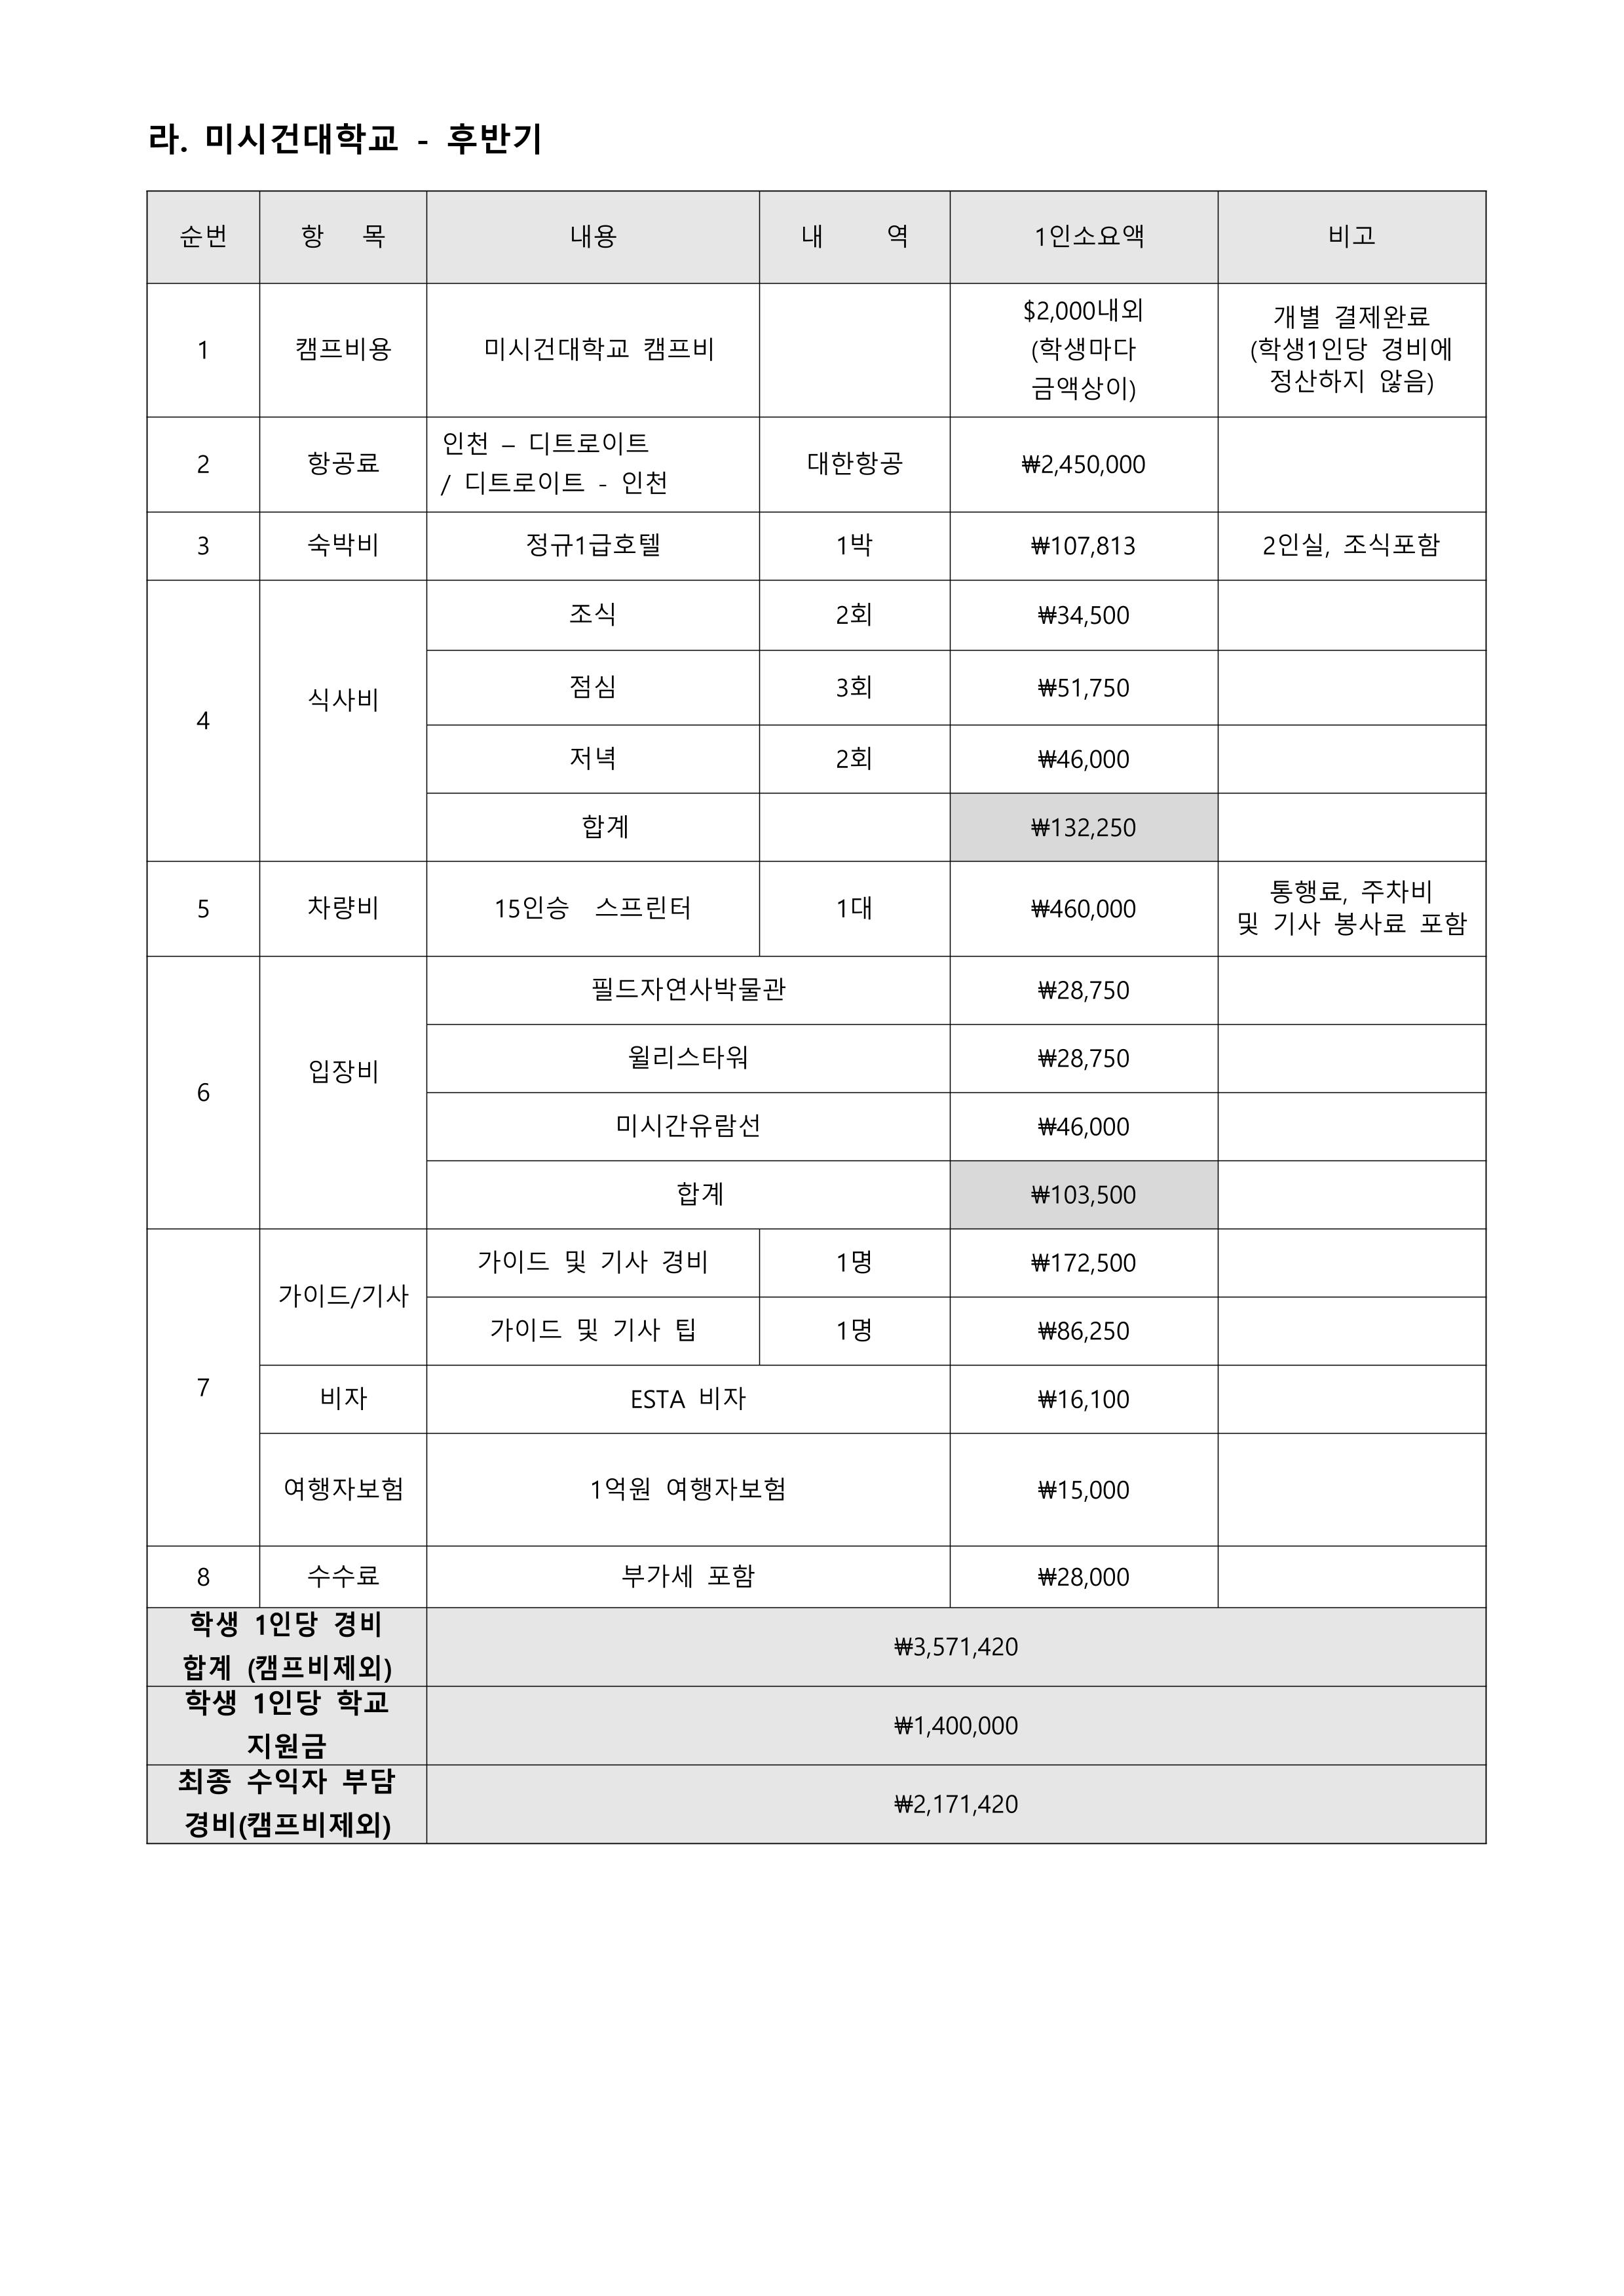 2019년 글로벌프런티어 프로그램 수익자 부담 경비 납부 안내. 6Page.